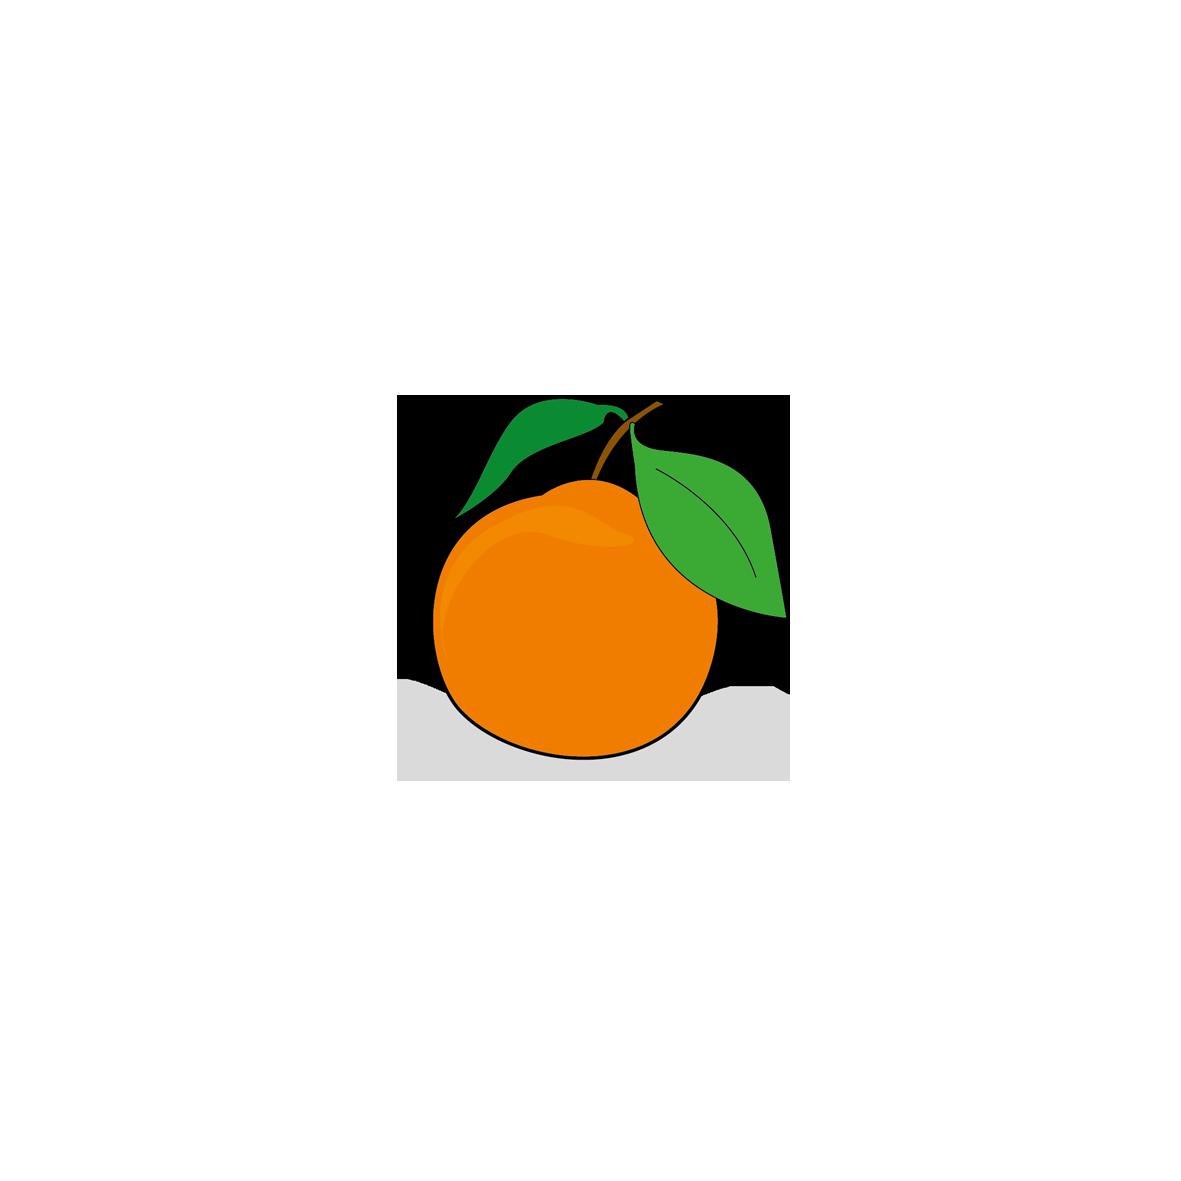 Icone d'une orange, ailmacocotte.com